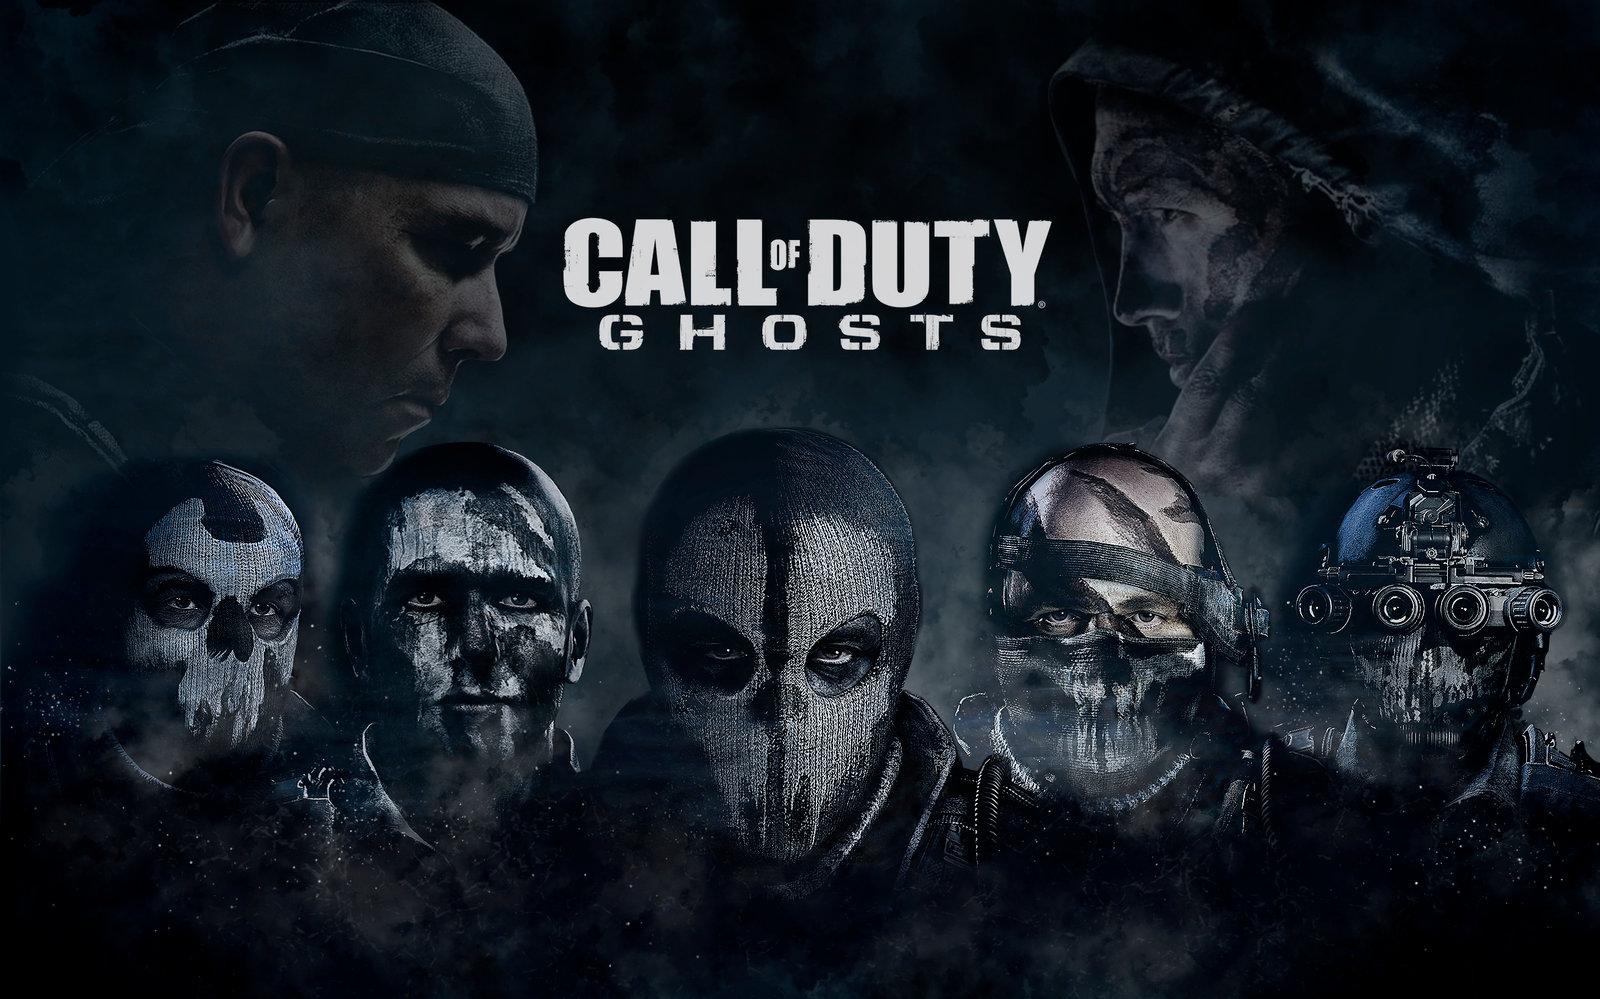 Wallpaper Call of Duty Ghosts - WallpaperSafari